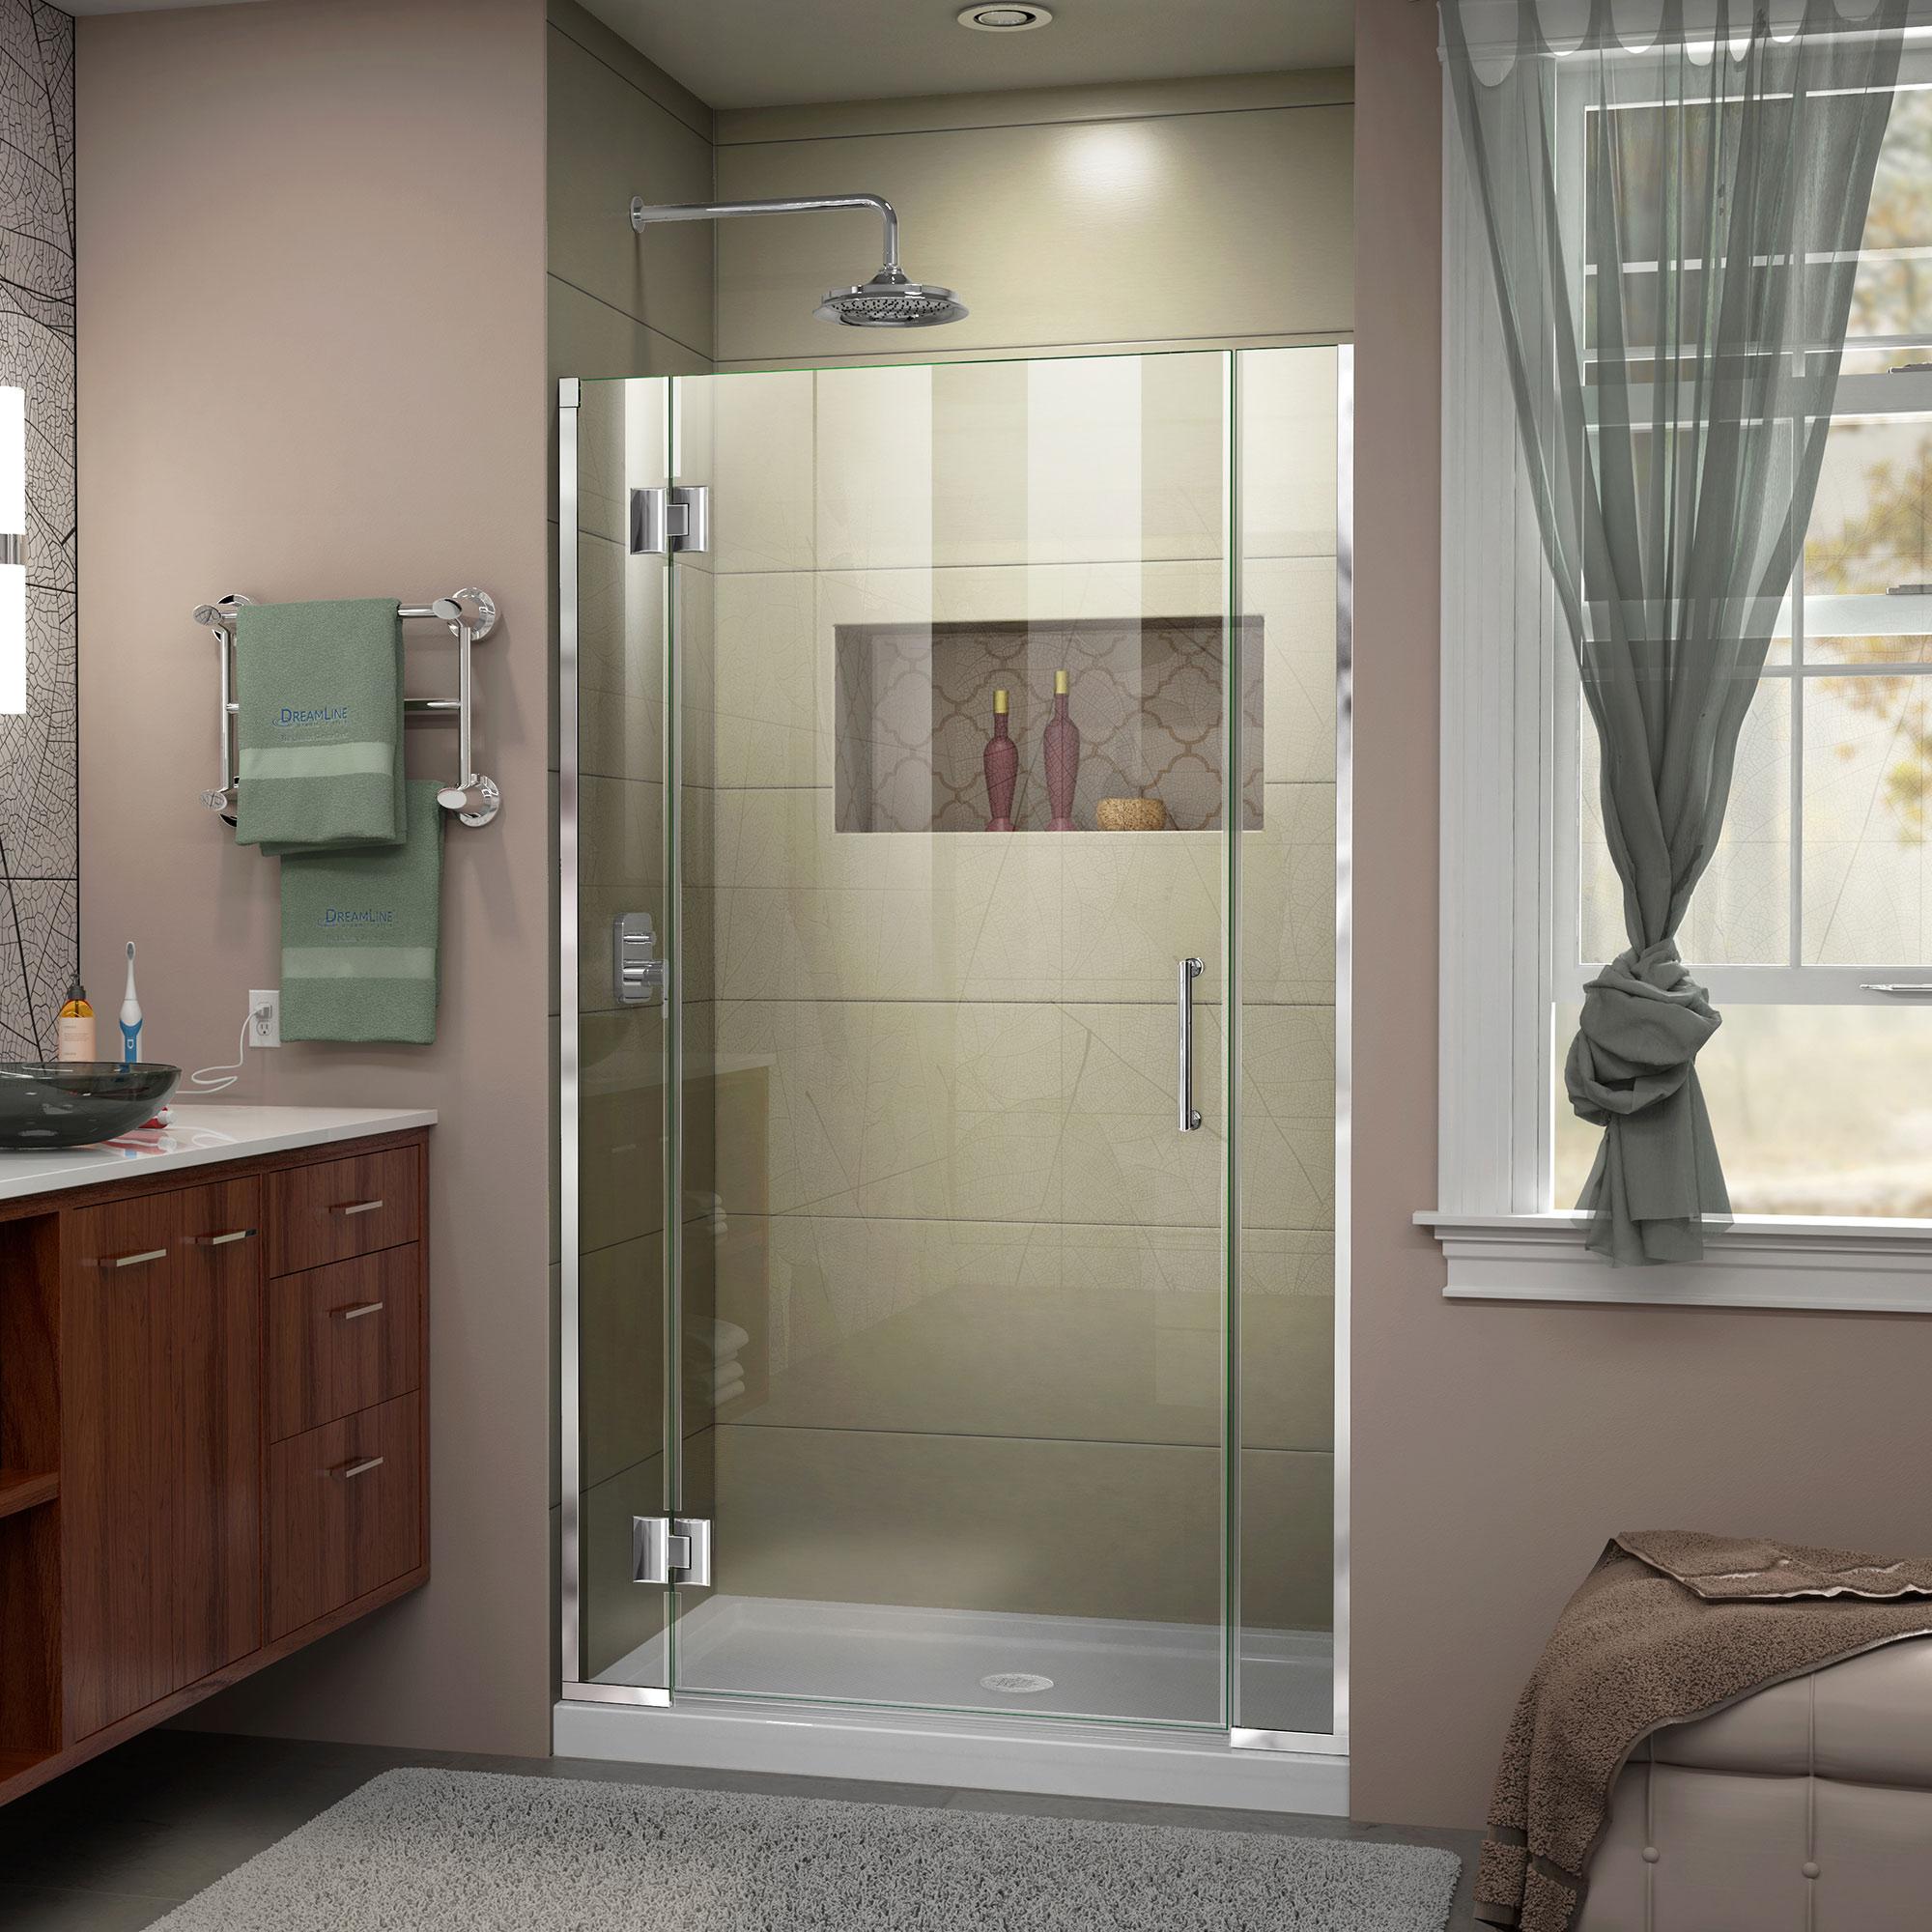 DreamLine Unidoor-X 39-39 1/2 in. W x 72 in. H Frameless Hinged Shower Door in Chrome